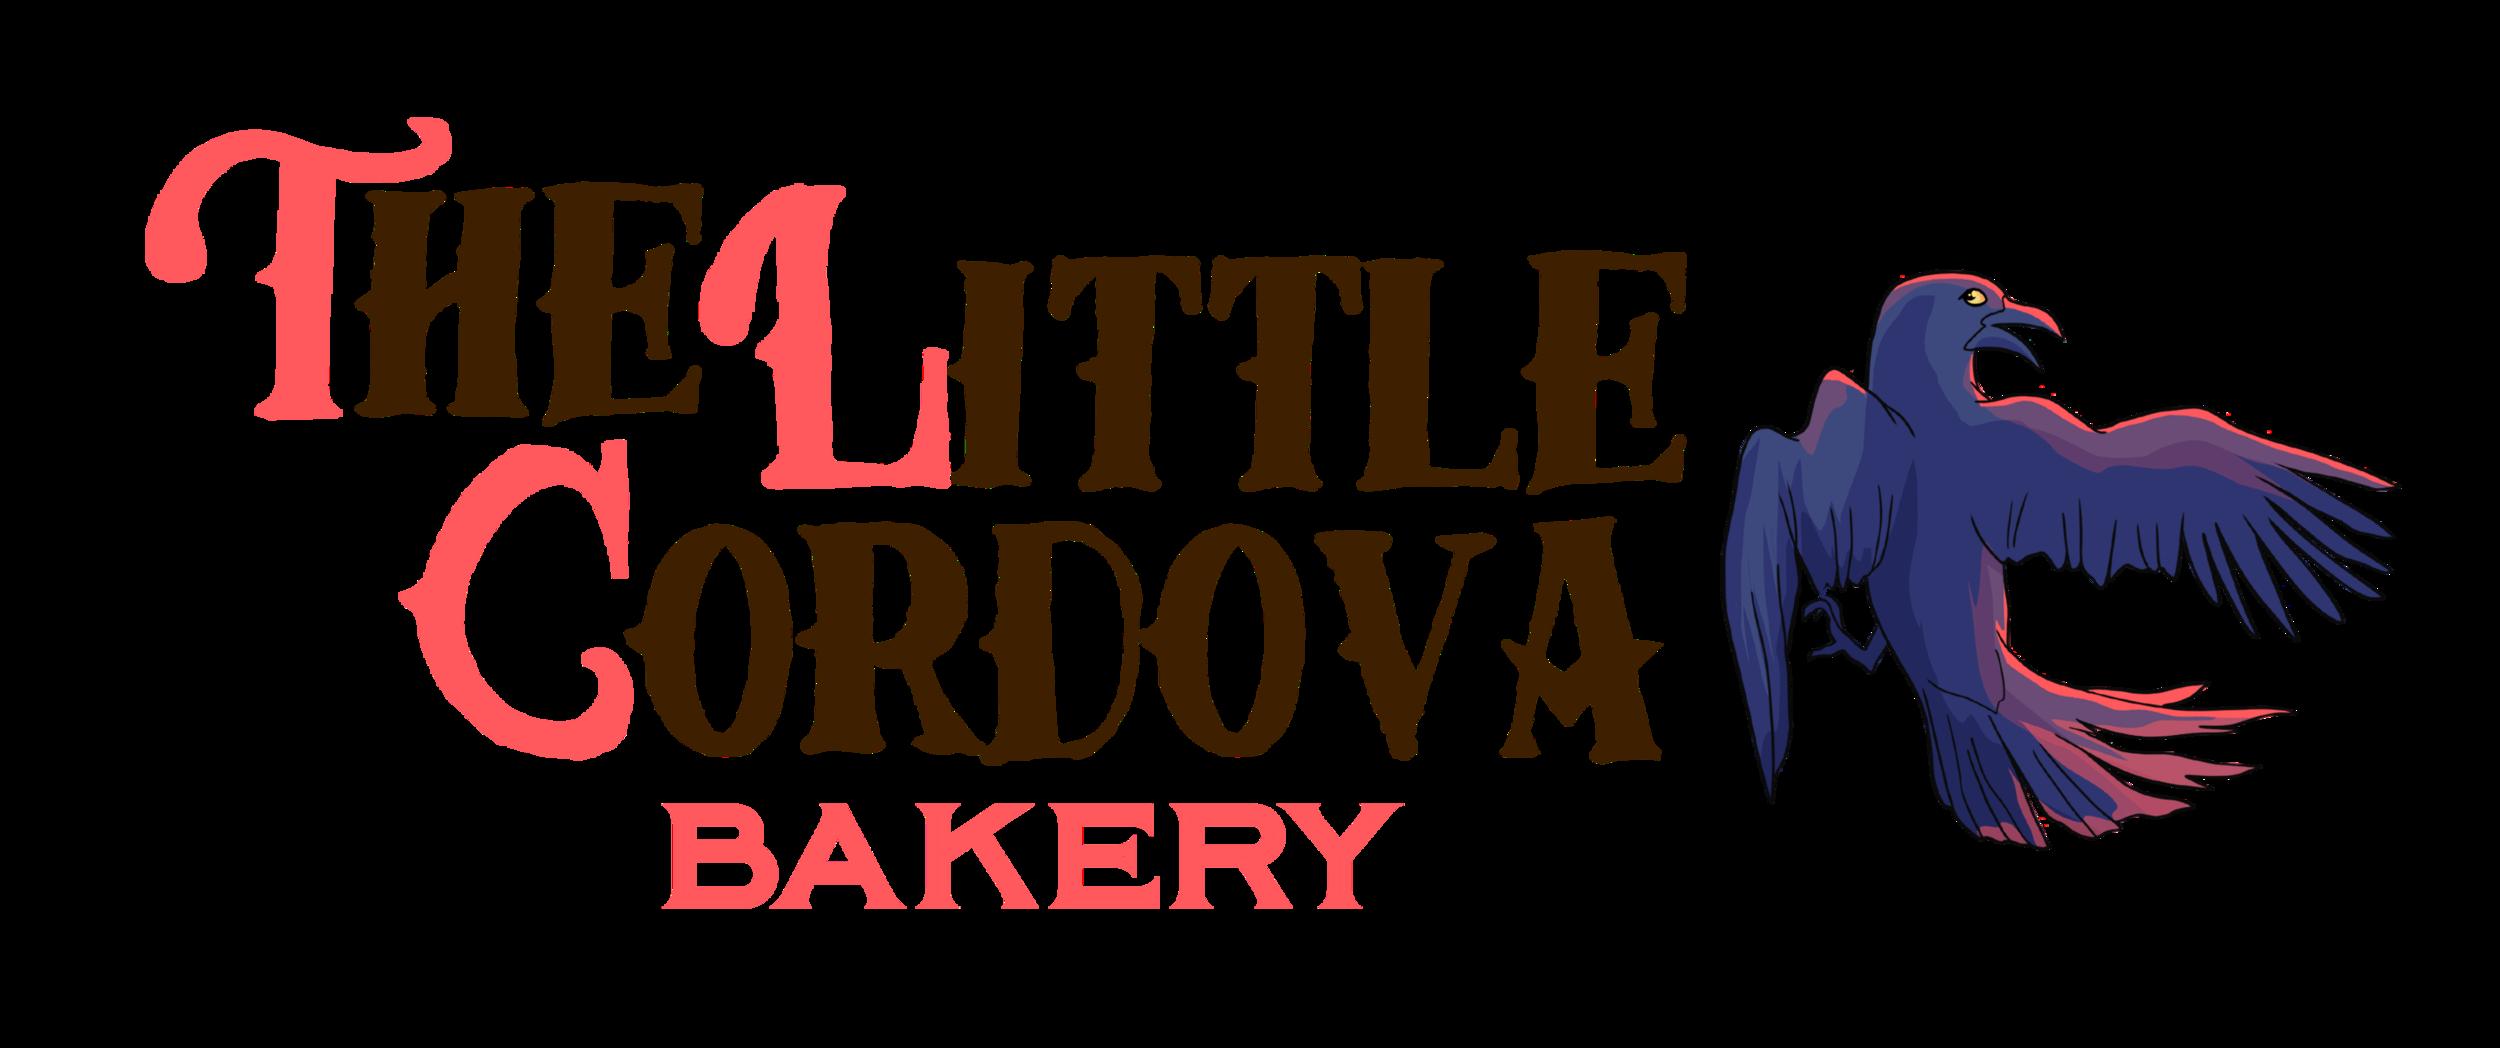 TLC bakery wordmark+illustration cropped.png